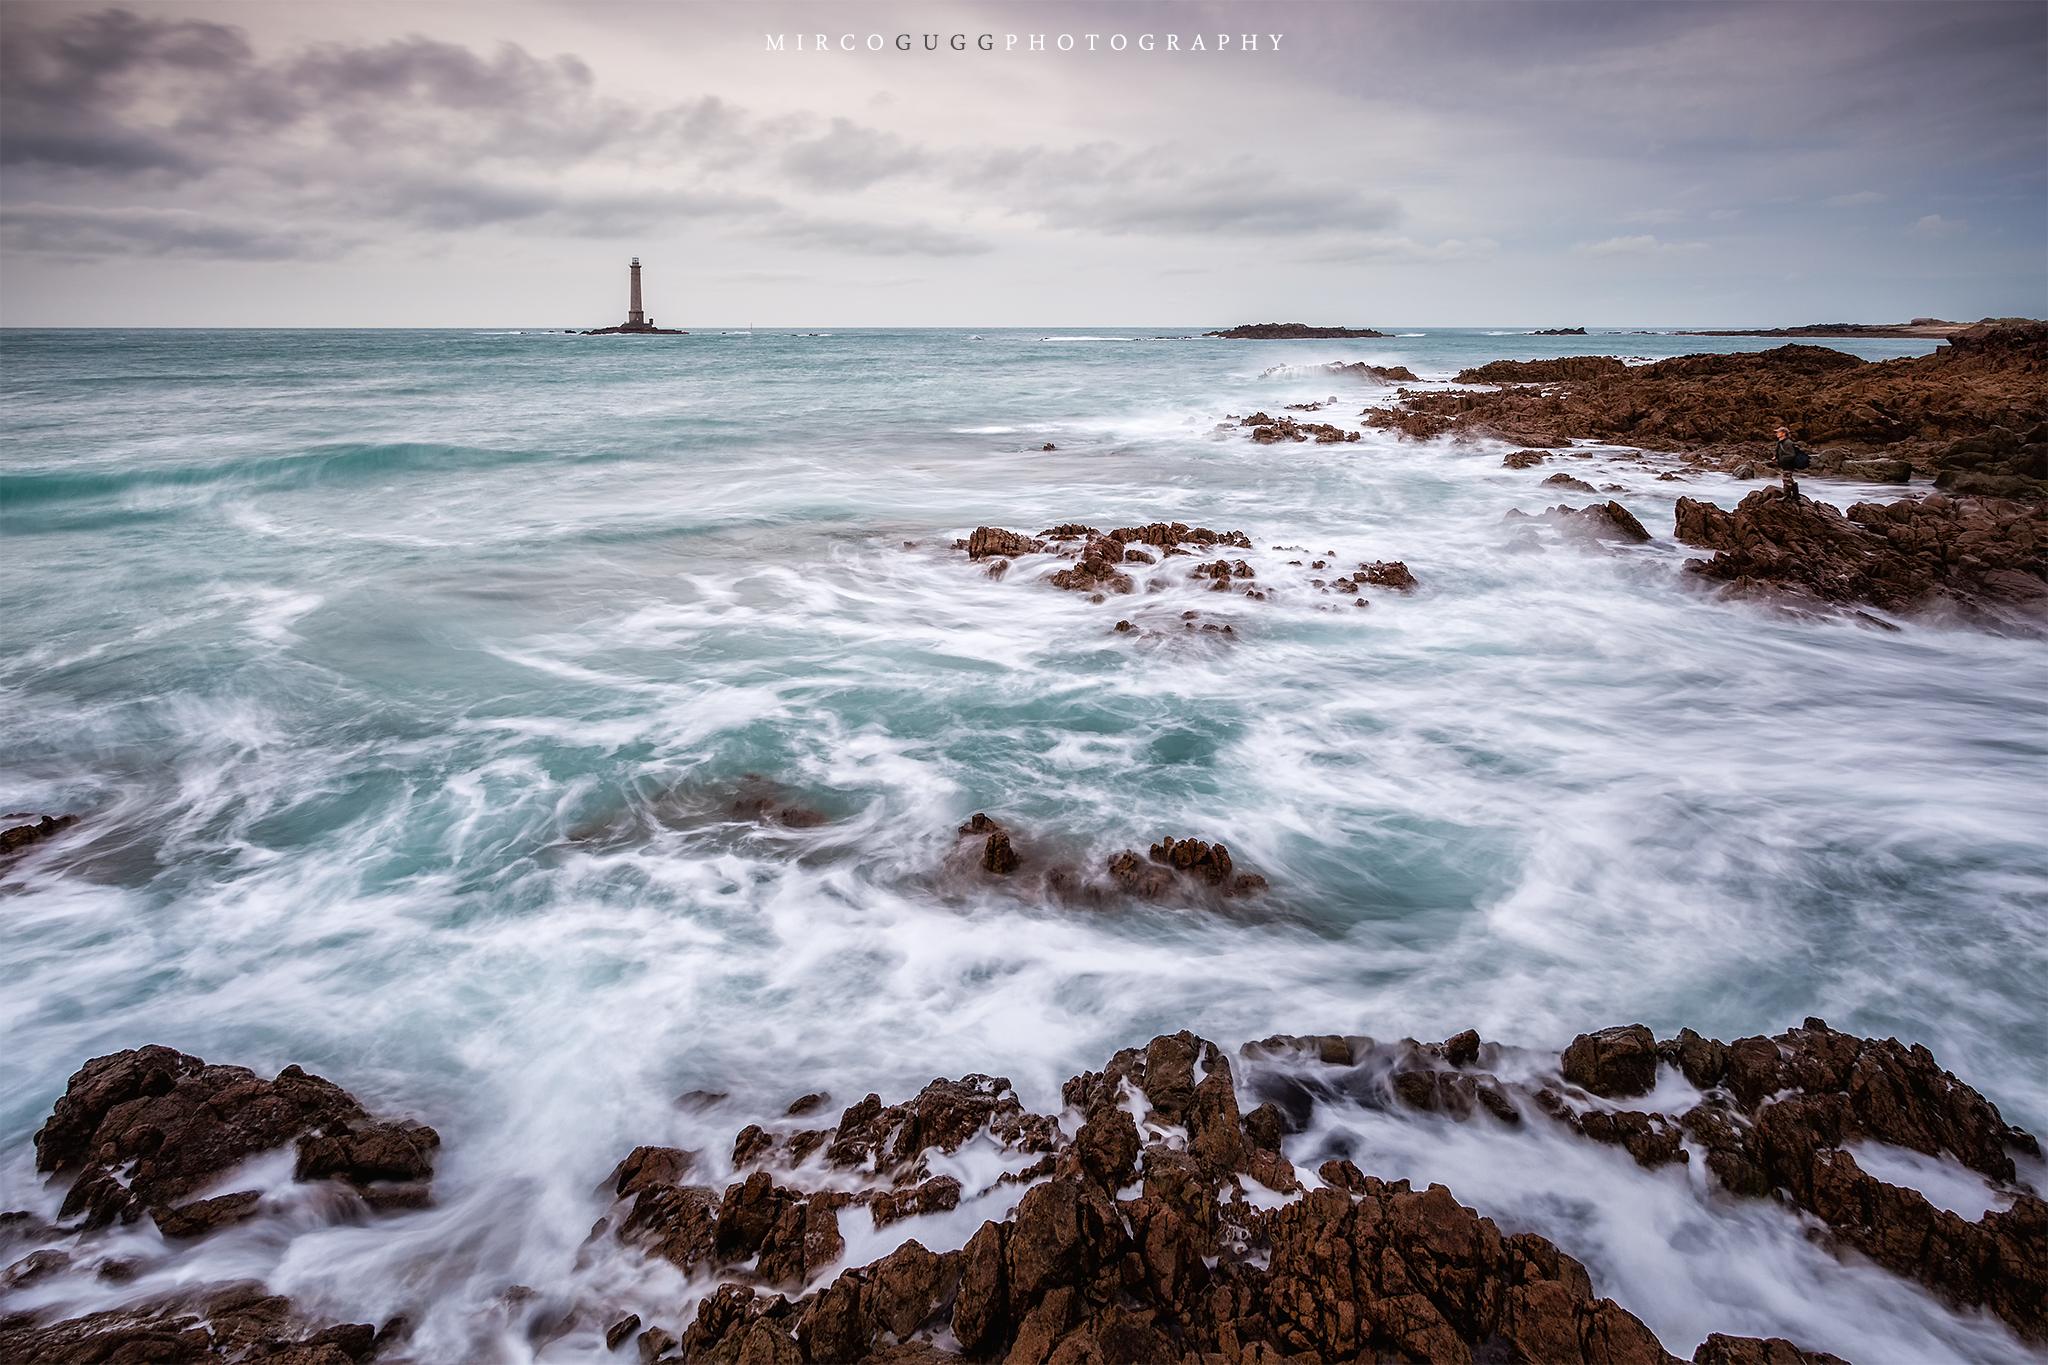 La Hague Lighthouse, France